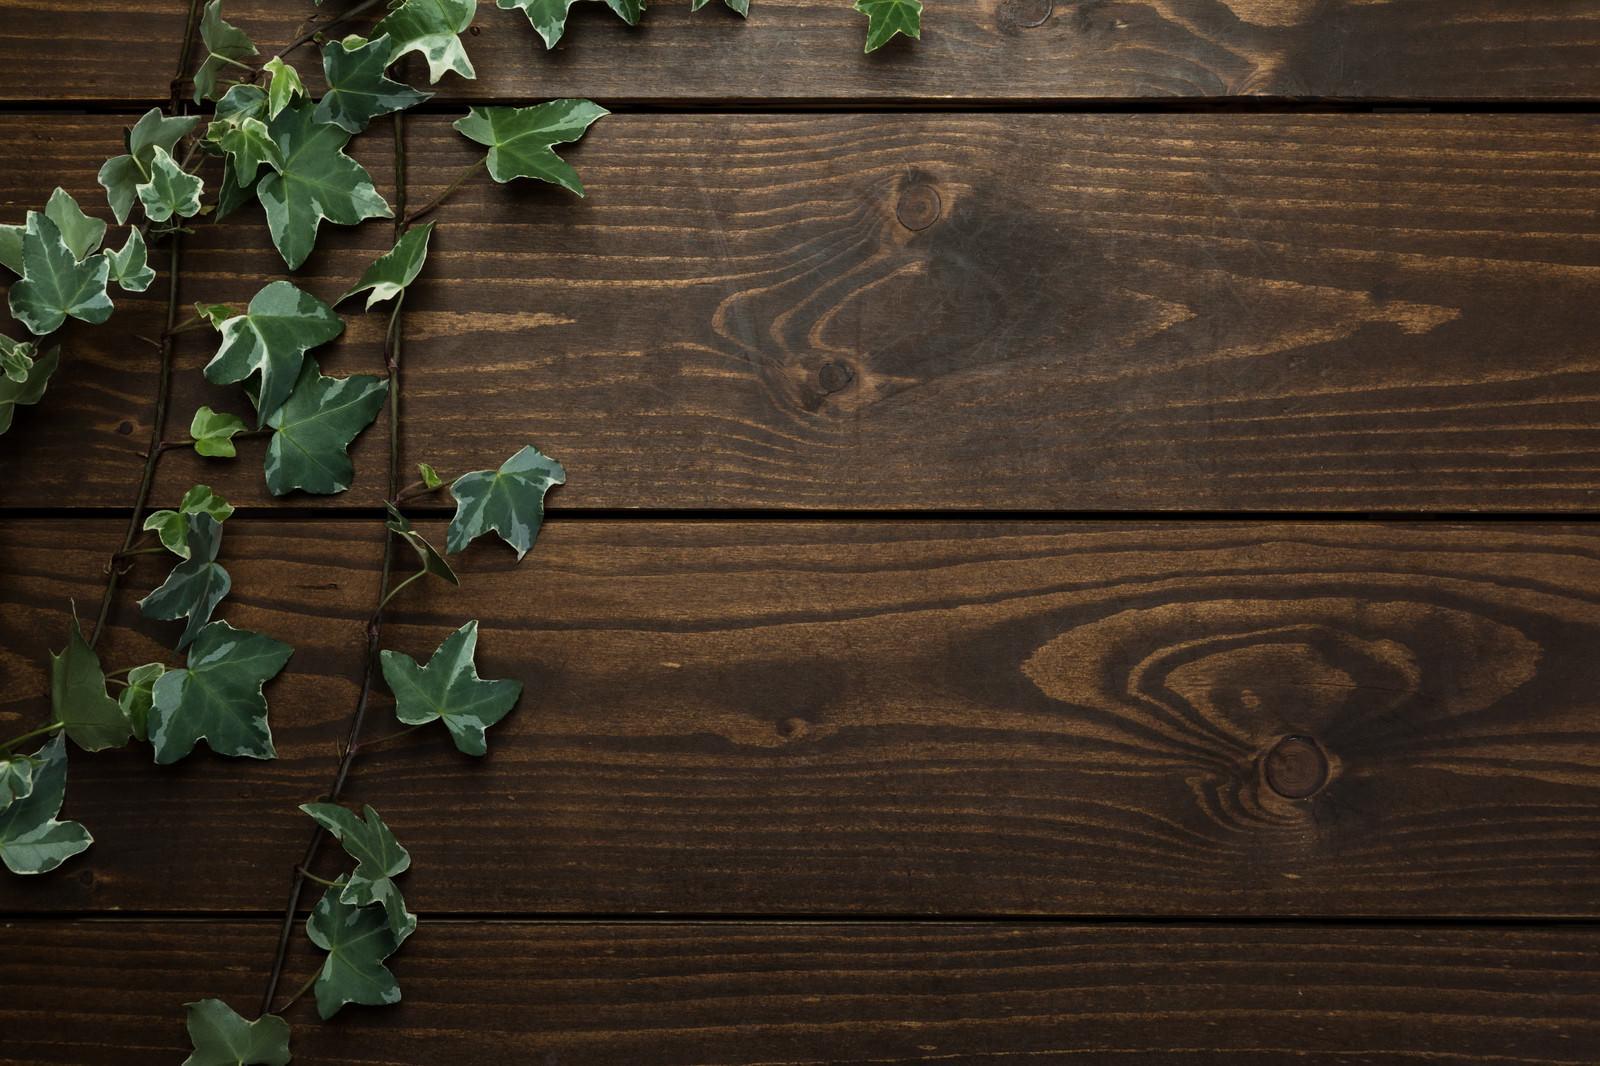 「木目のテーブル上の蔦」の写真